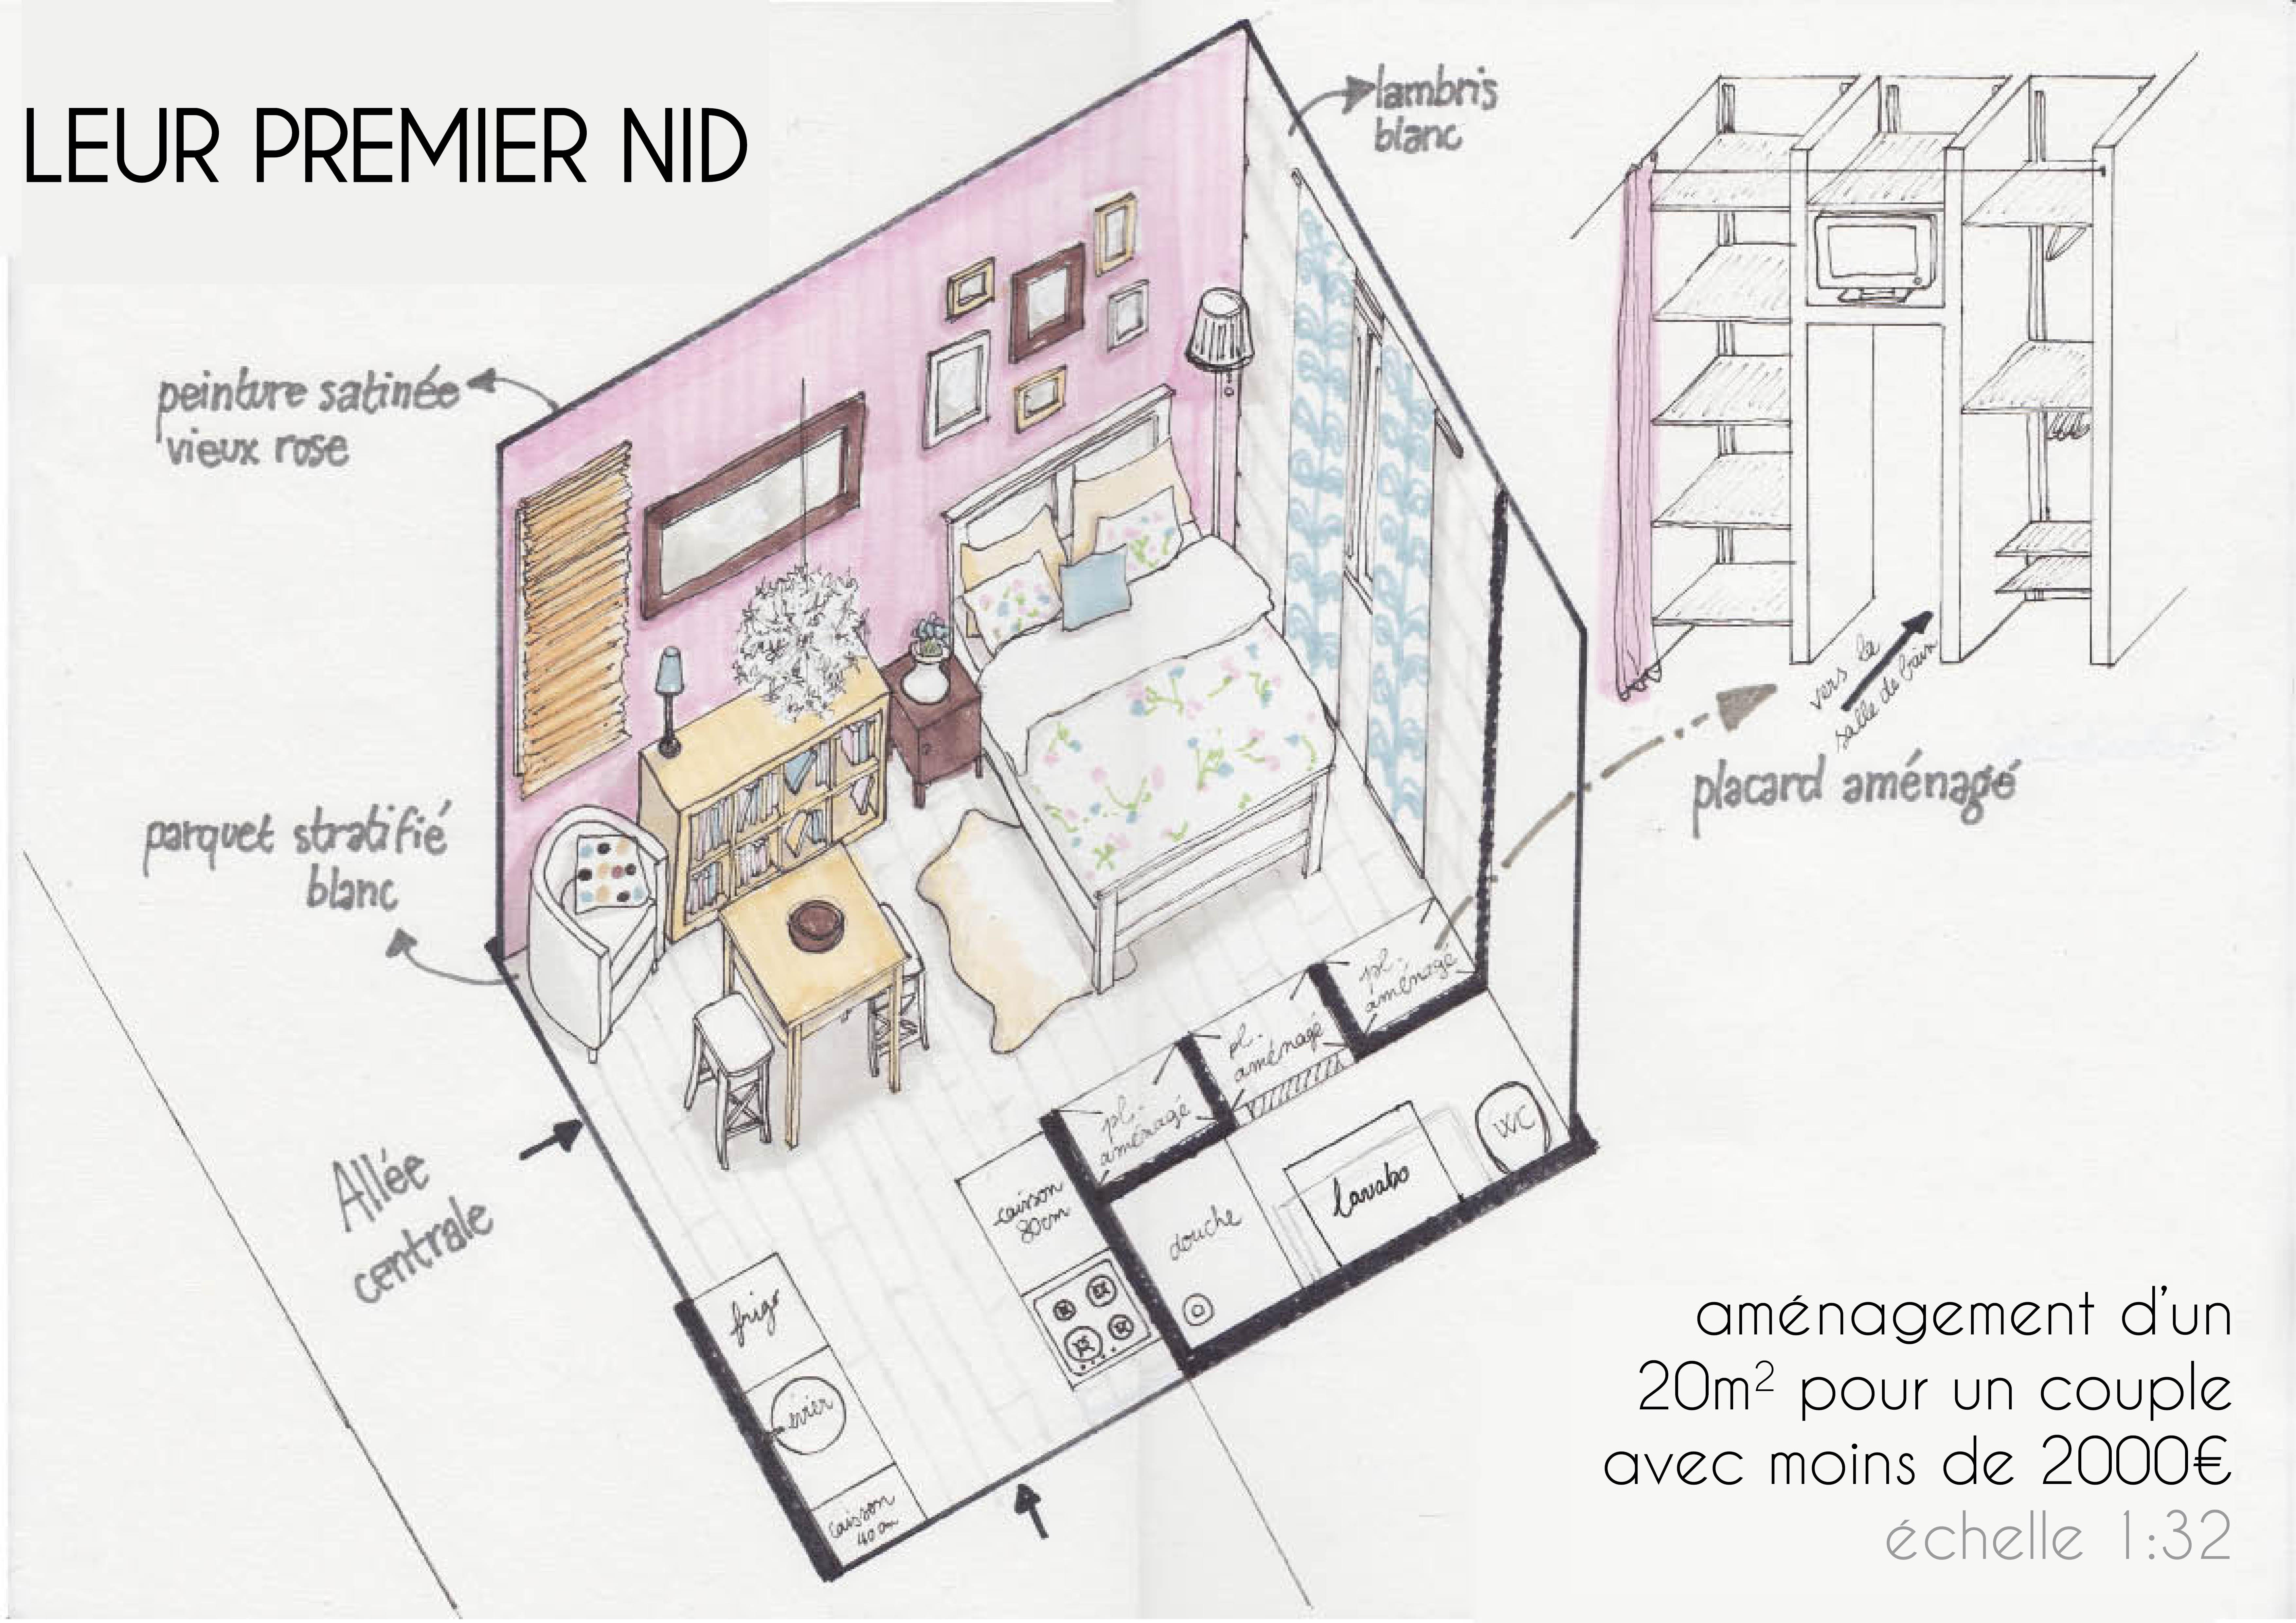 Projet d am nagement d un studio for Chambre sociale 13 janvier 2009